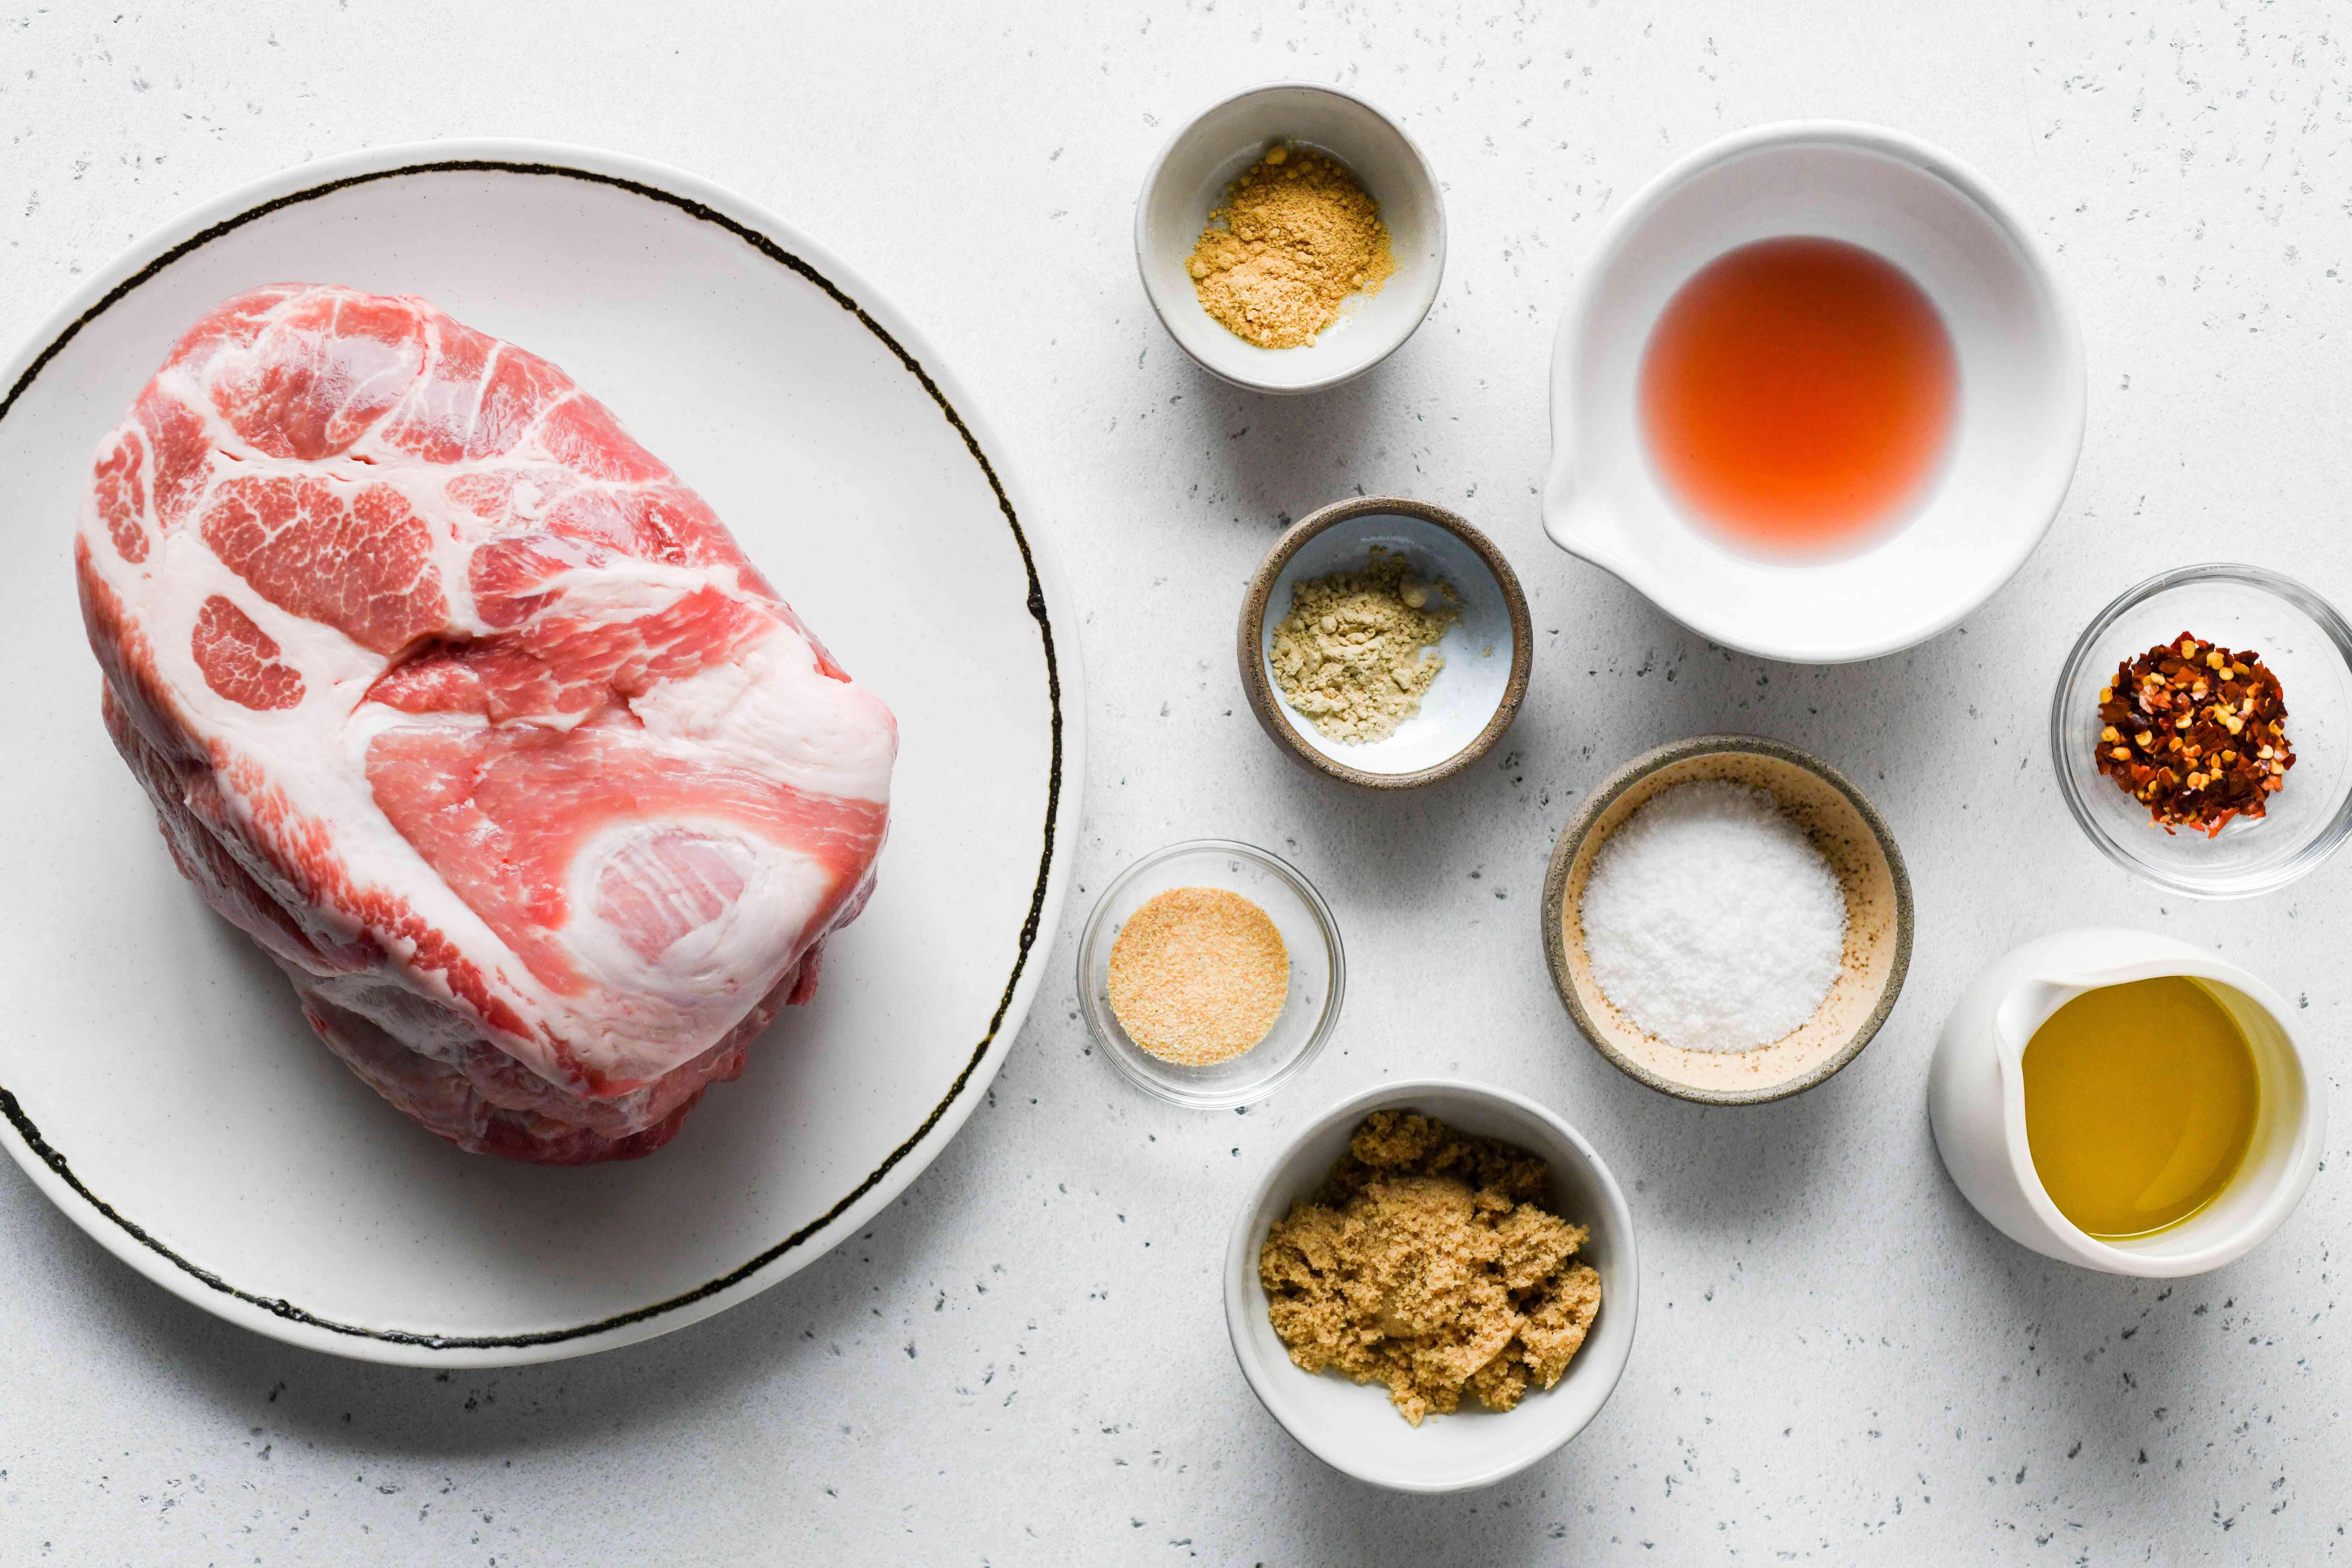 Foolproof Slow-Roasted Pork Shoulder ingredients